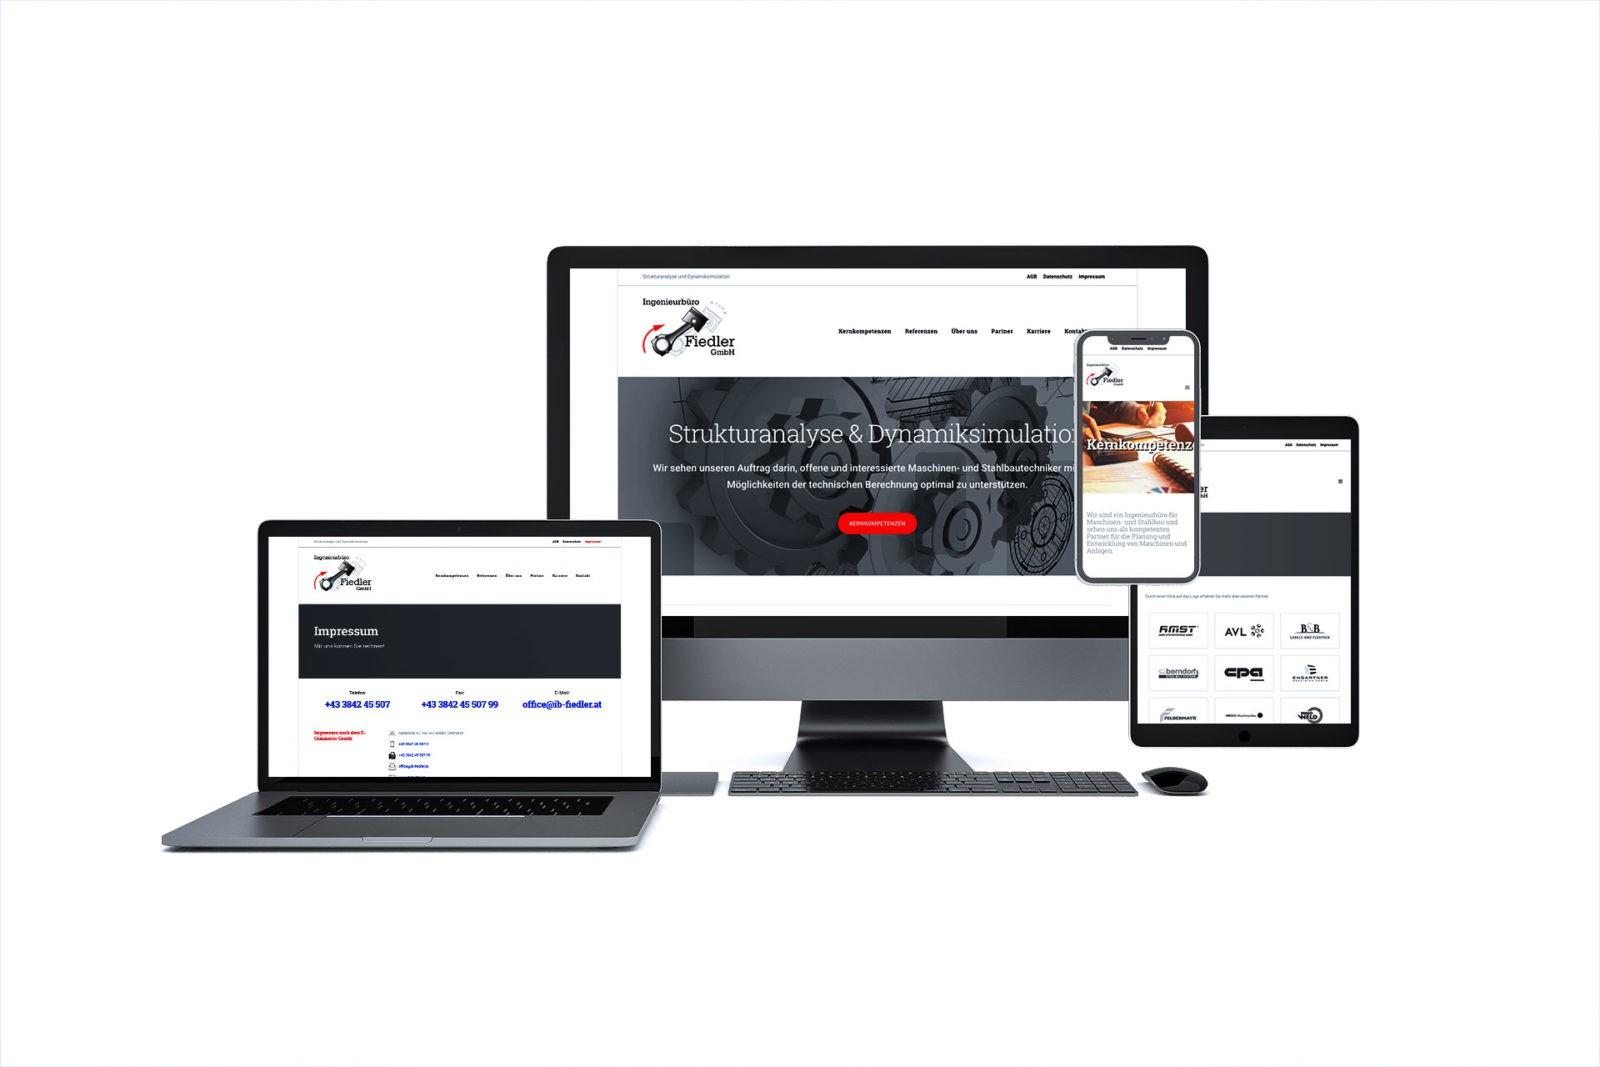 Alle mobilen Geräte geeignet - Ingenieurbüro Fiedler GmbH